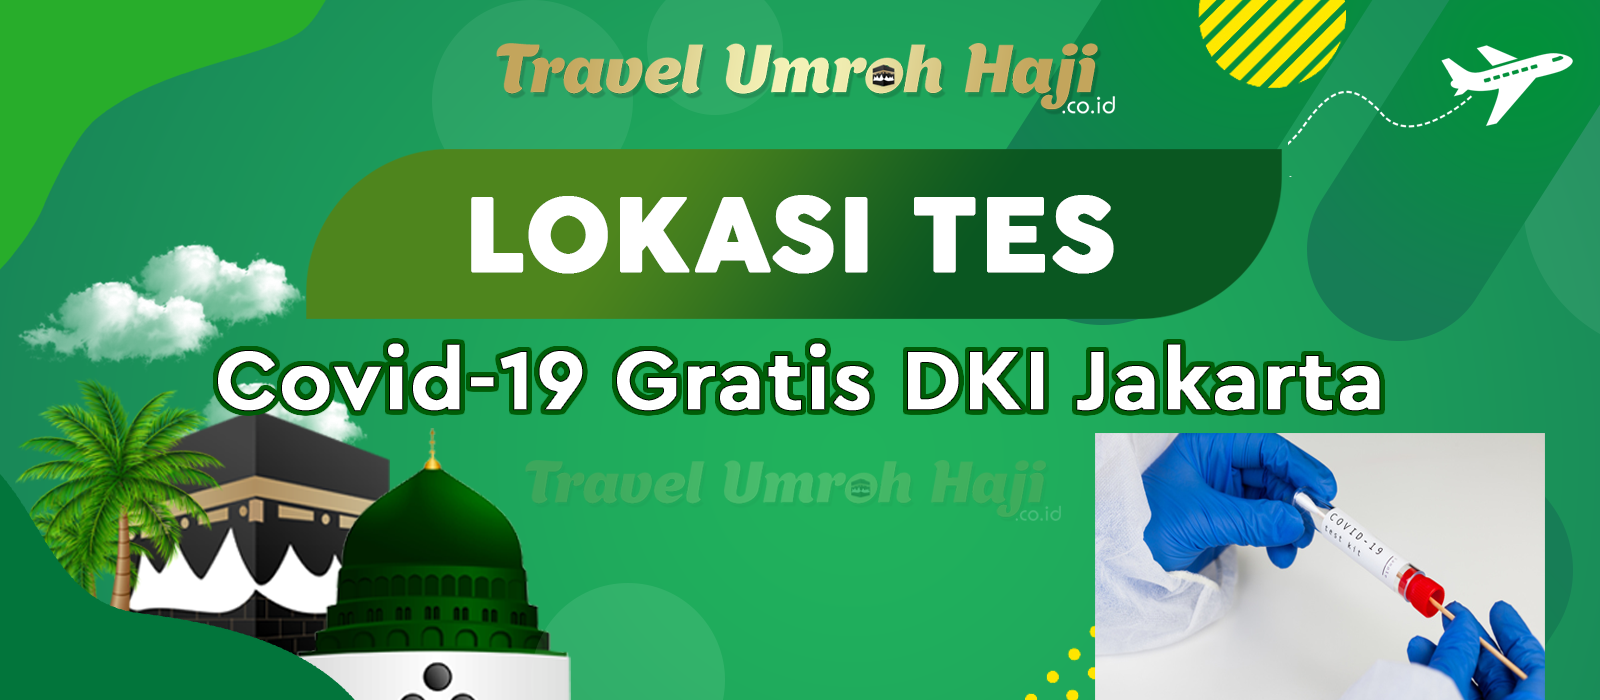 Lokasi Tempat Laboratorium Tes Covid-19 Pcr Swab Gratis di DKI Jakarta